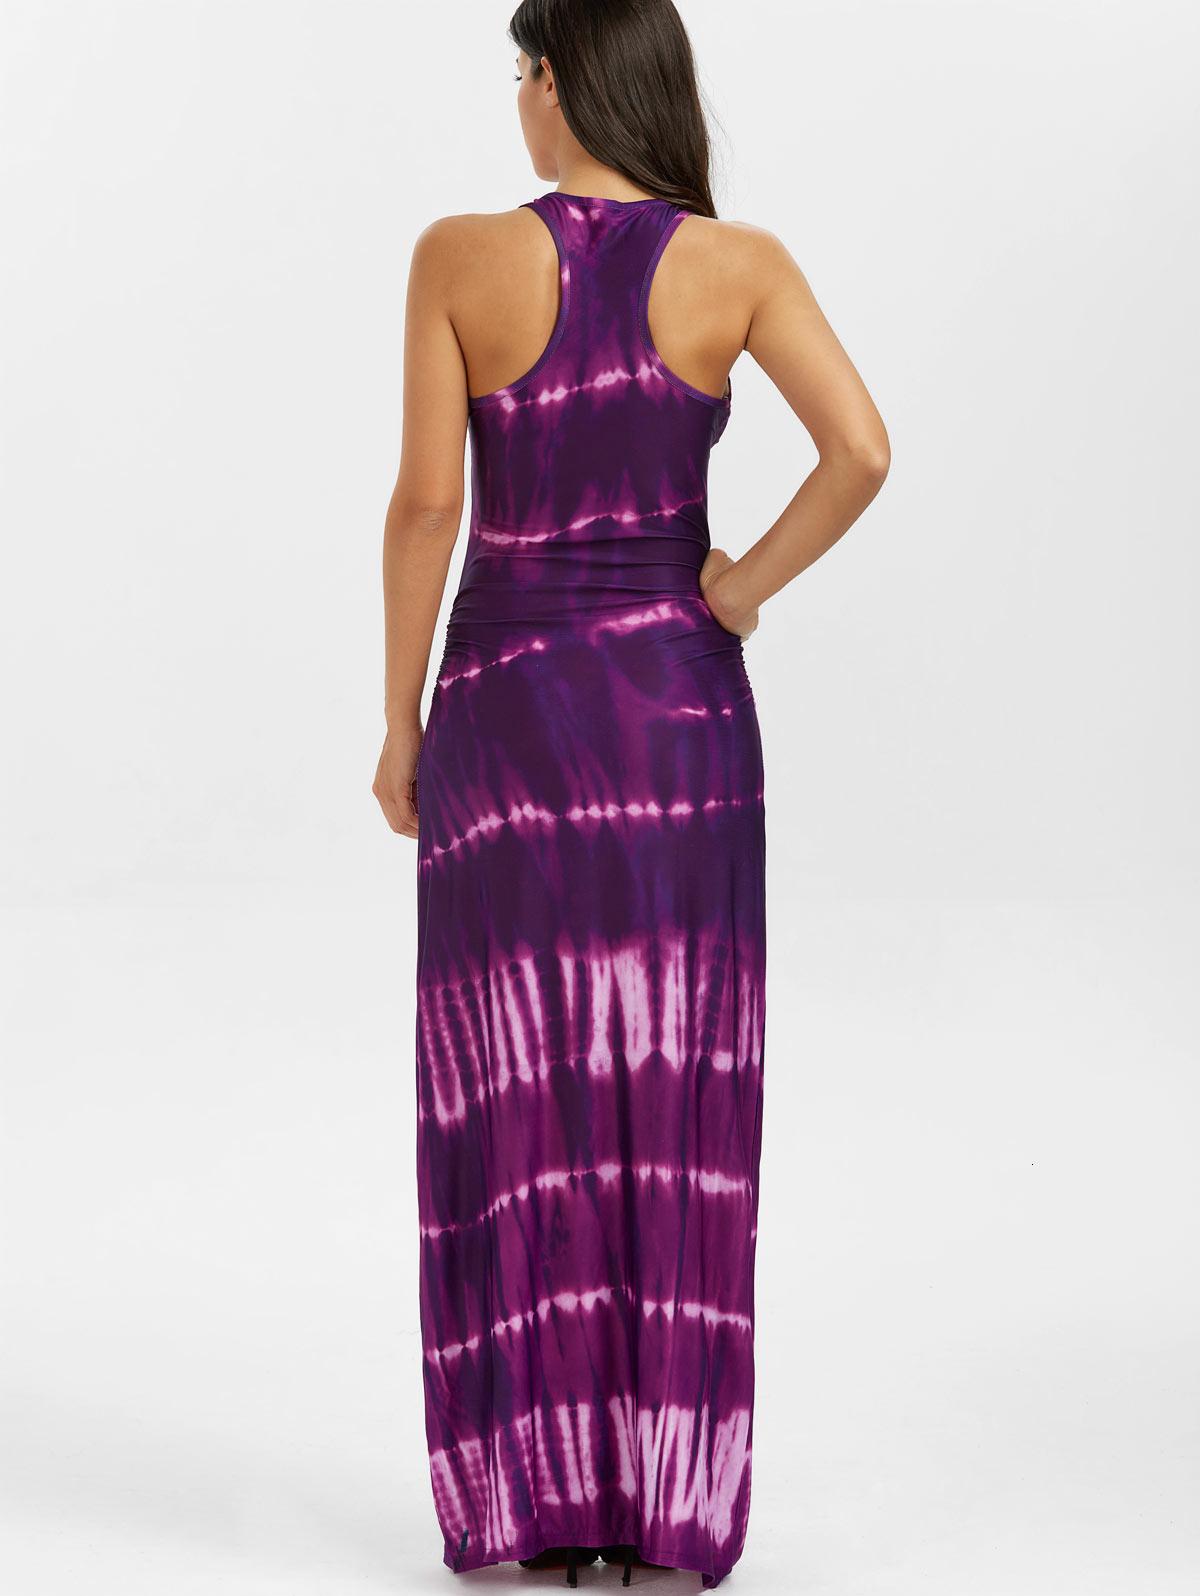 Abito del partito dei vestiti di marca 2019 Summer Party donne maxi Vestito della Boemia di stampa tie-dye Racerback maxi serbatoio vestiti lunghi le vacanze Vestido